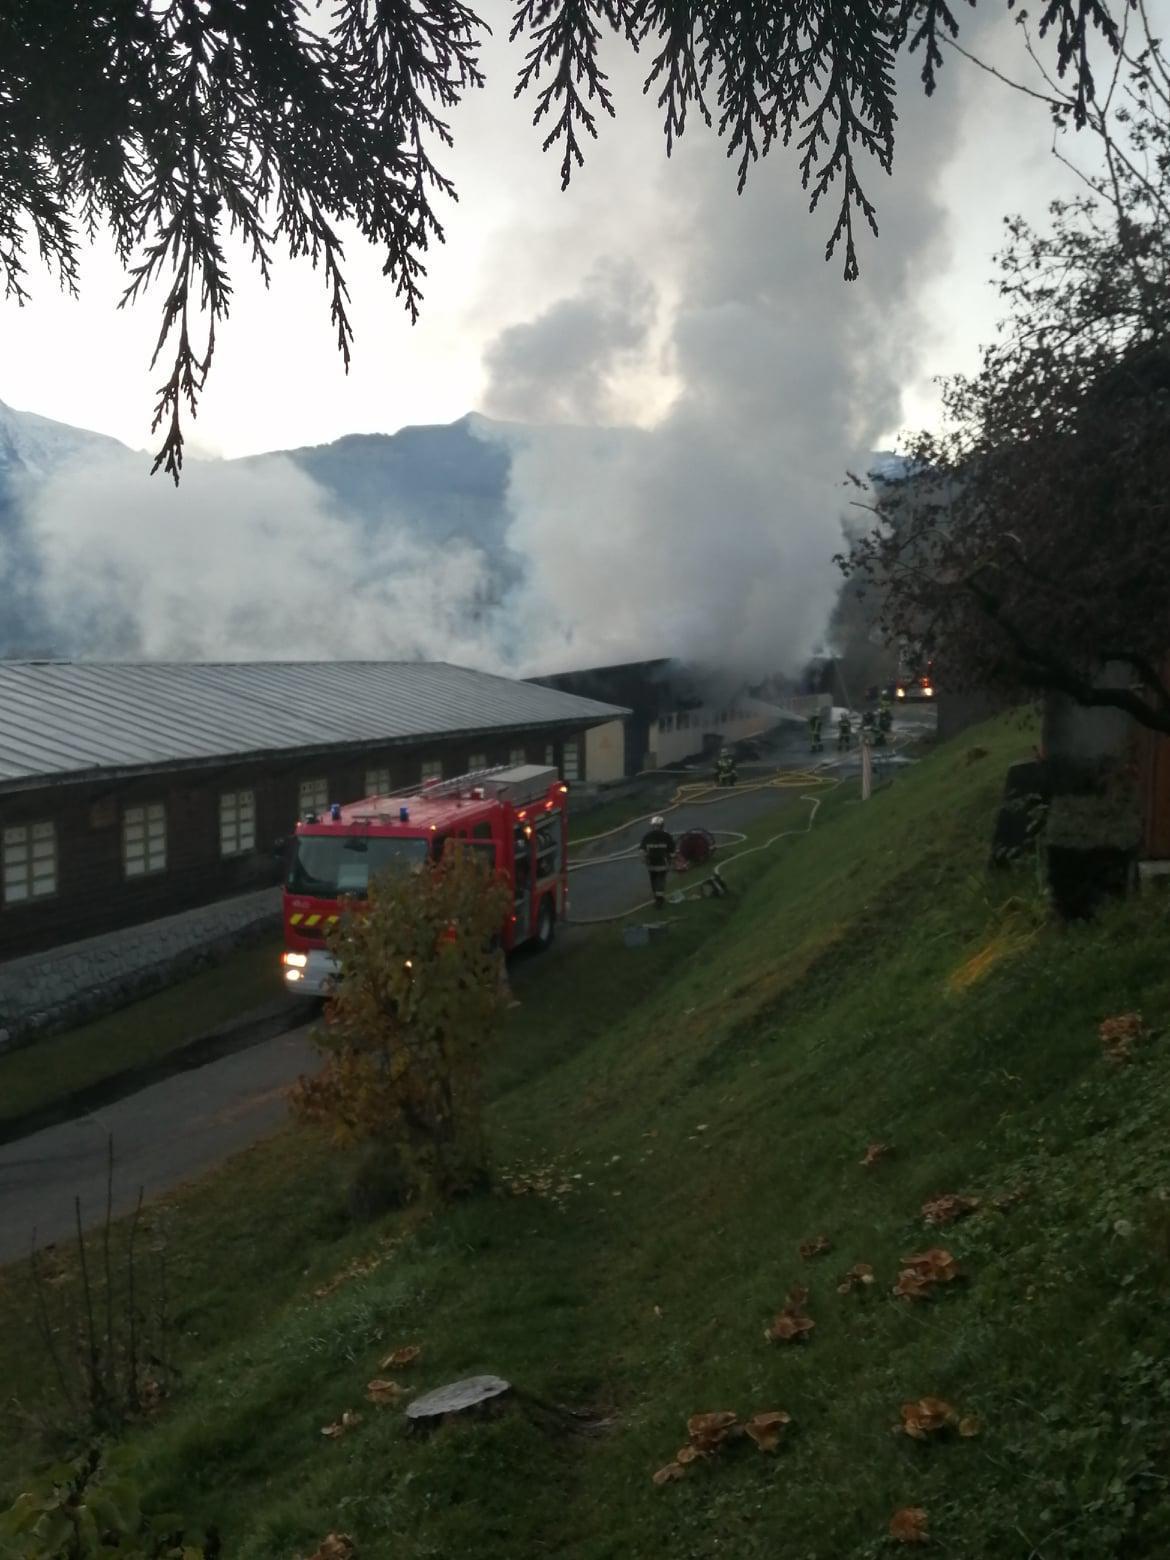 L'incendie a été maîtrisé en fin de matinée par les pompiers. Photos Valérie et Pascal Tubeuf.